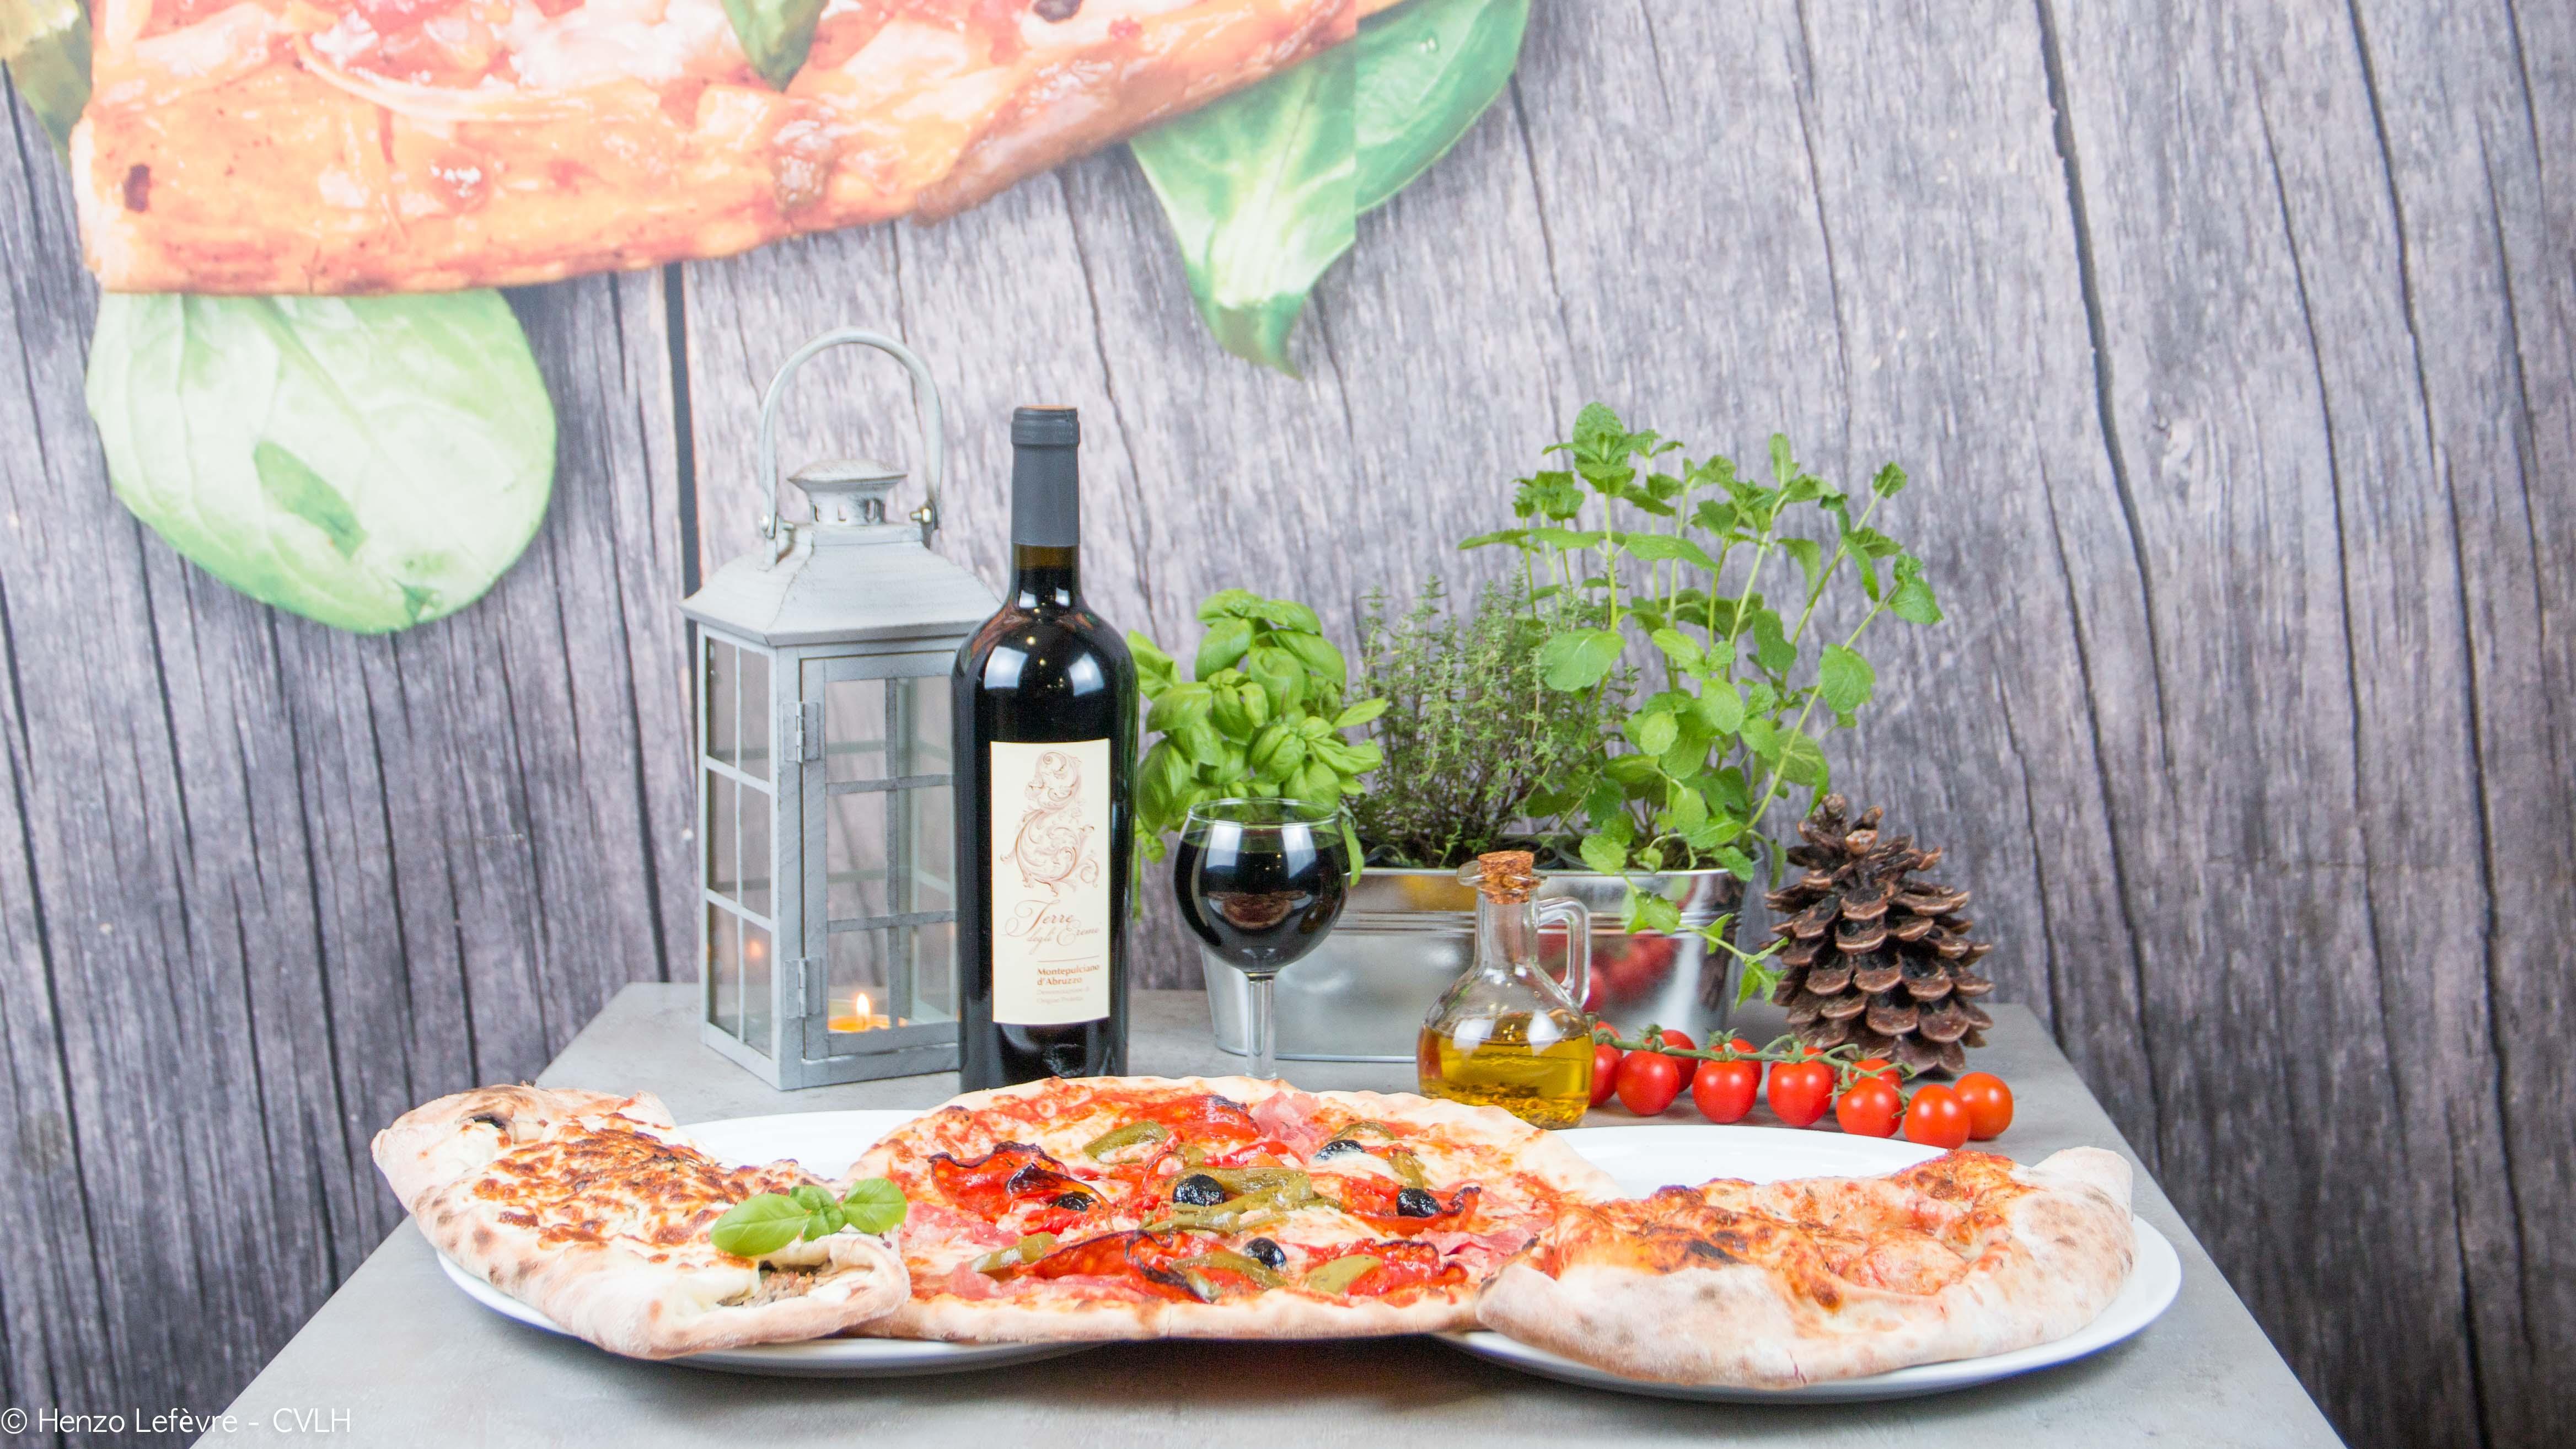 Pizzas narbonne Giovanni centre ville